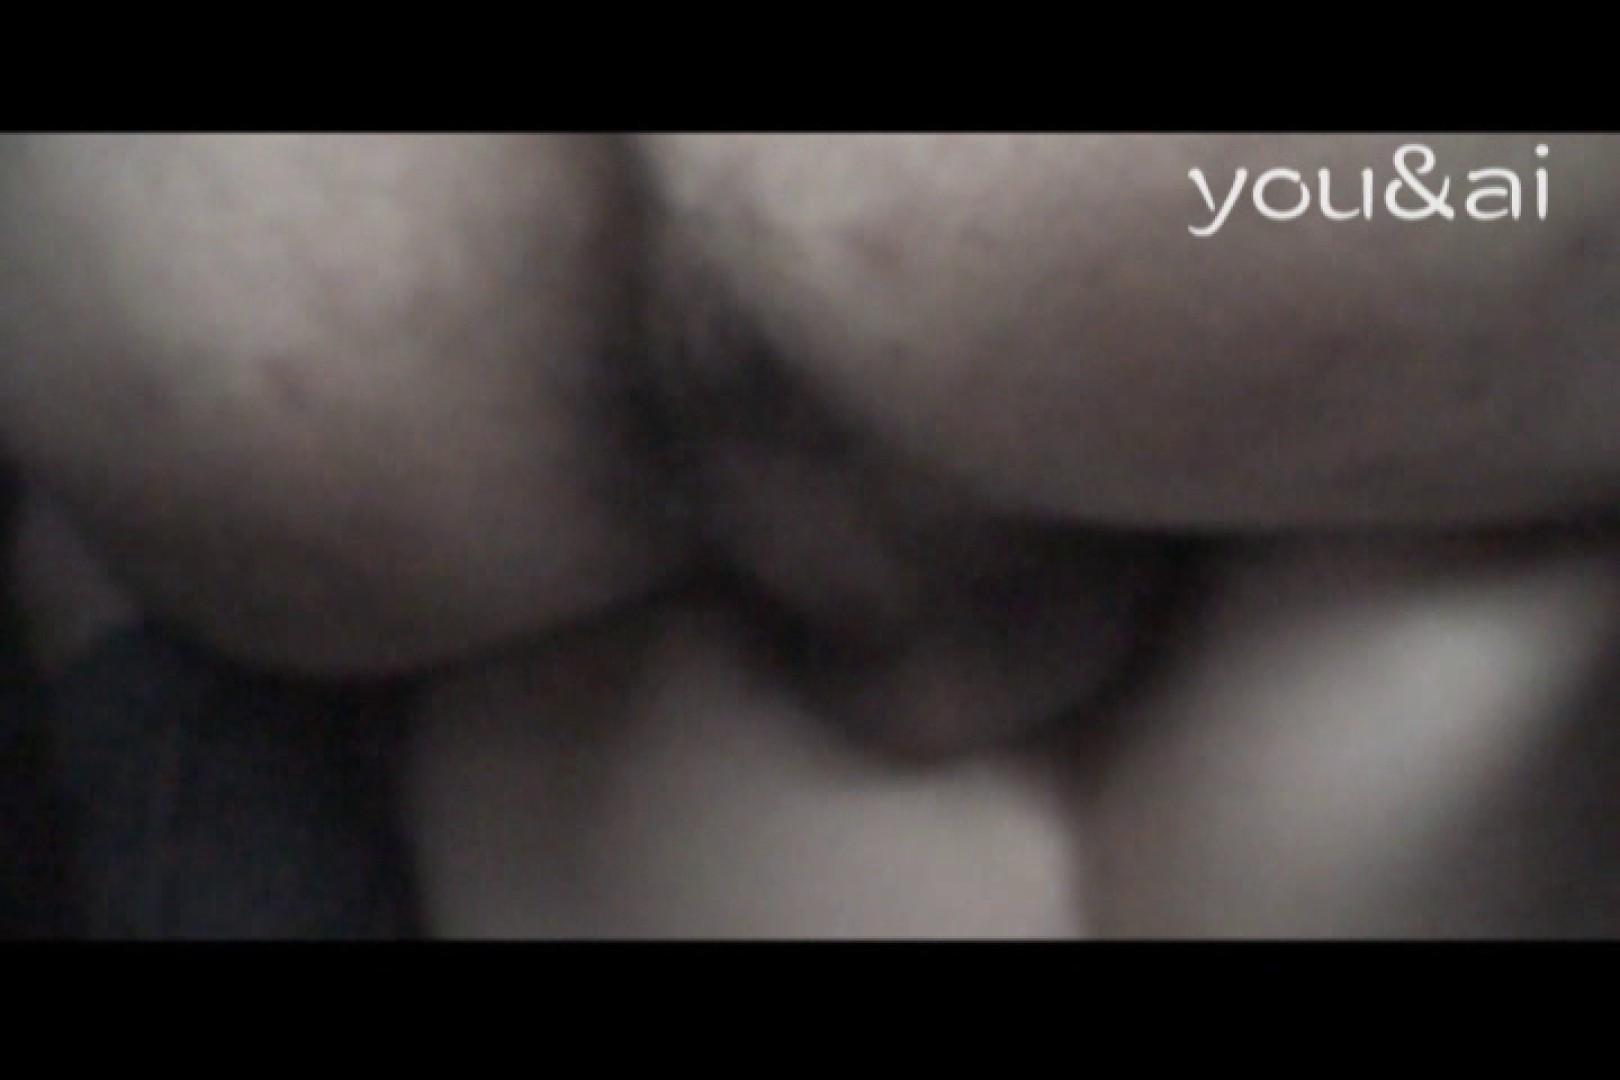 おしどり夫婦のyou&aiさん投稿作品vol.8 車 のぞき動画キャプチャ 112pic 54